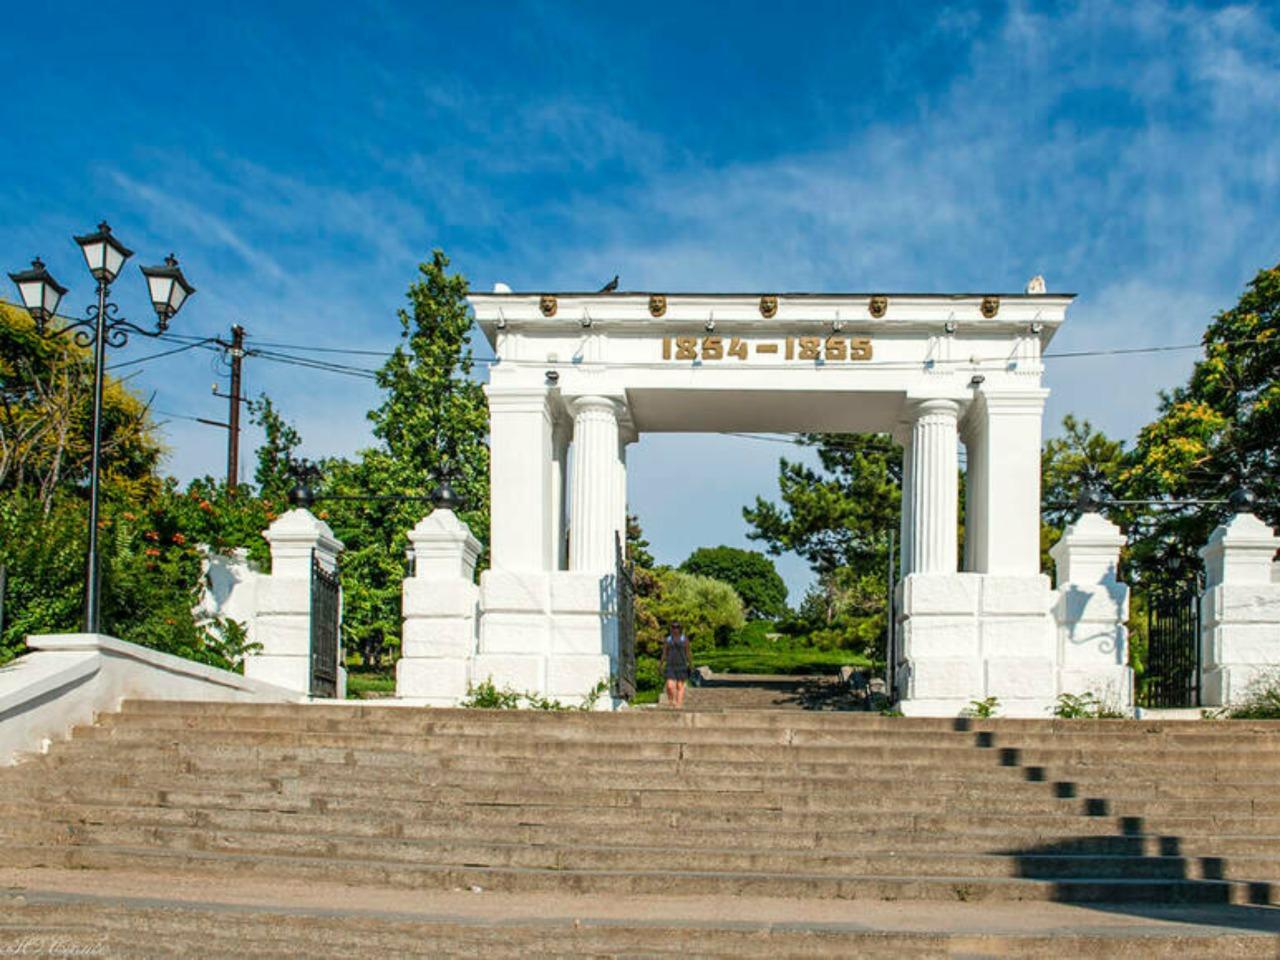 В город-герой Севастополь из солнечной Ялты - индивидуальная экскурсия в Ялте от опытного гида